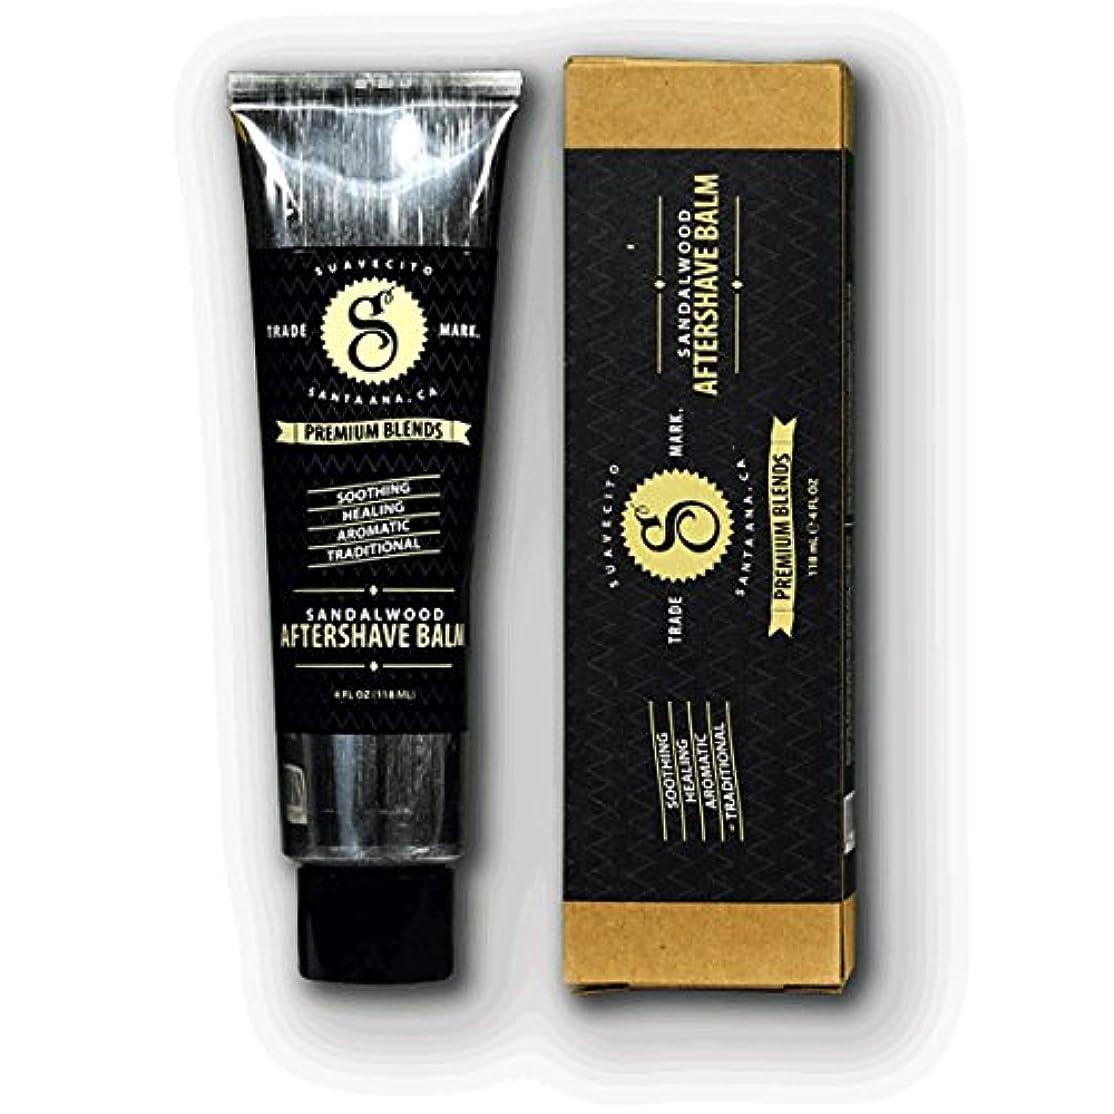 刻む改革銅SUAVECITO スアベシート 【Premium Blends Sandalwood Aftershave Balm 4oz】 シェービングクリーム 4OZ(約110G)